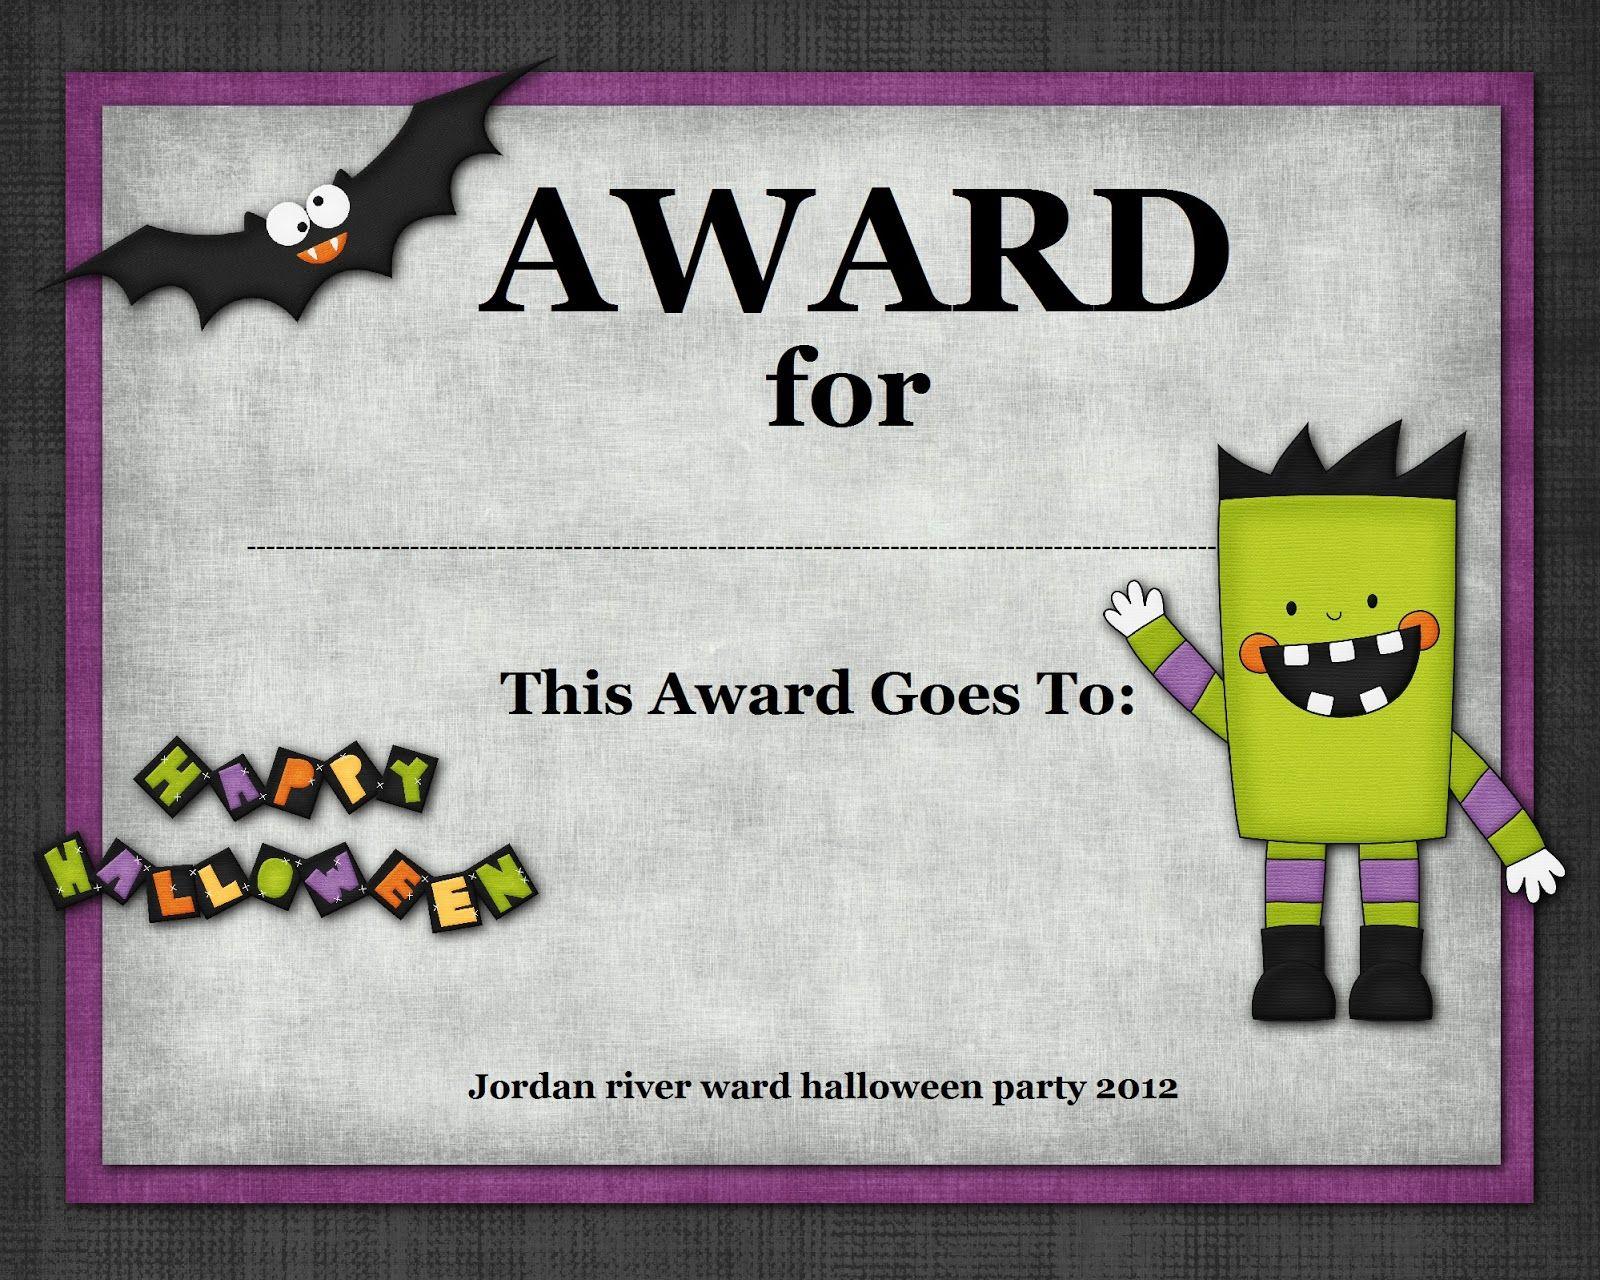 Halloween Costume Award   Halloween   Pinterest   Halloween - Free Printable Halloween Award Certificates